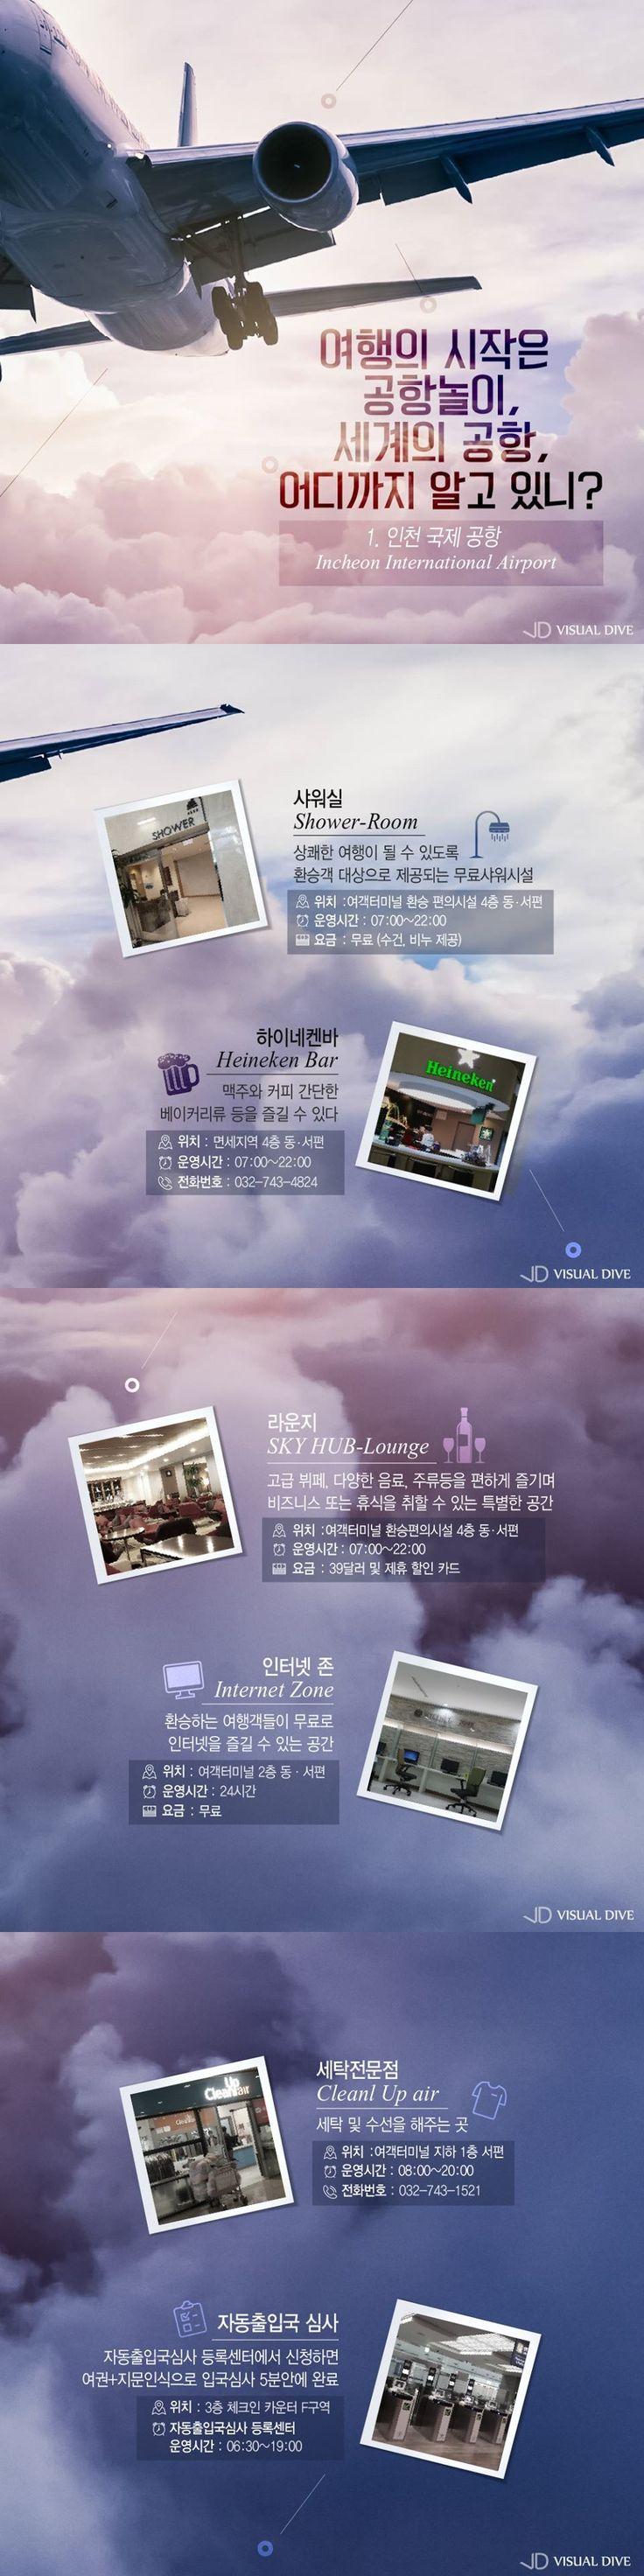 '여행의 출발!' 세계 공항 200% 즐기기 – 인천 국제 공항편 [인포그래픽] #Airport / #Infographic ⓒ 비주얼다이브 무단 복사·전재·재배포 금지